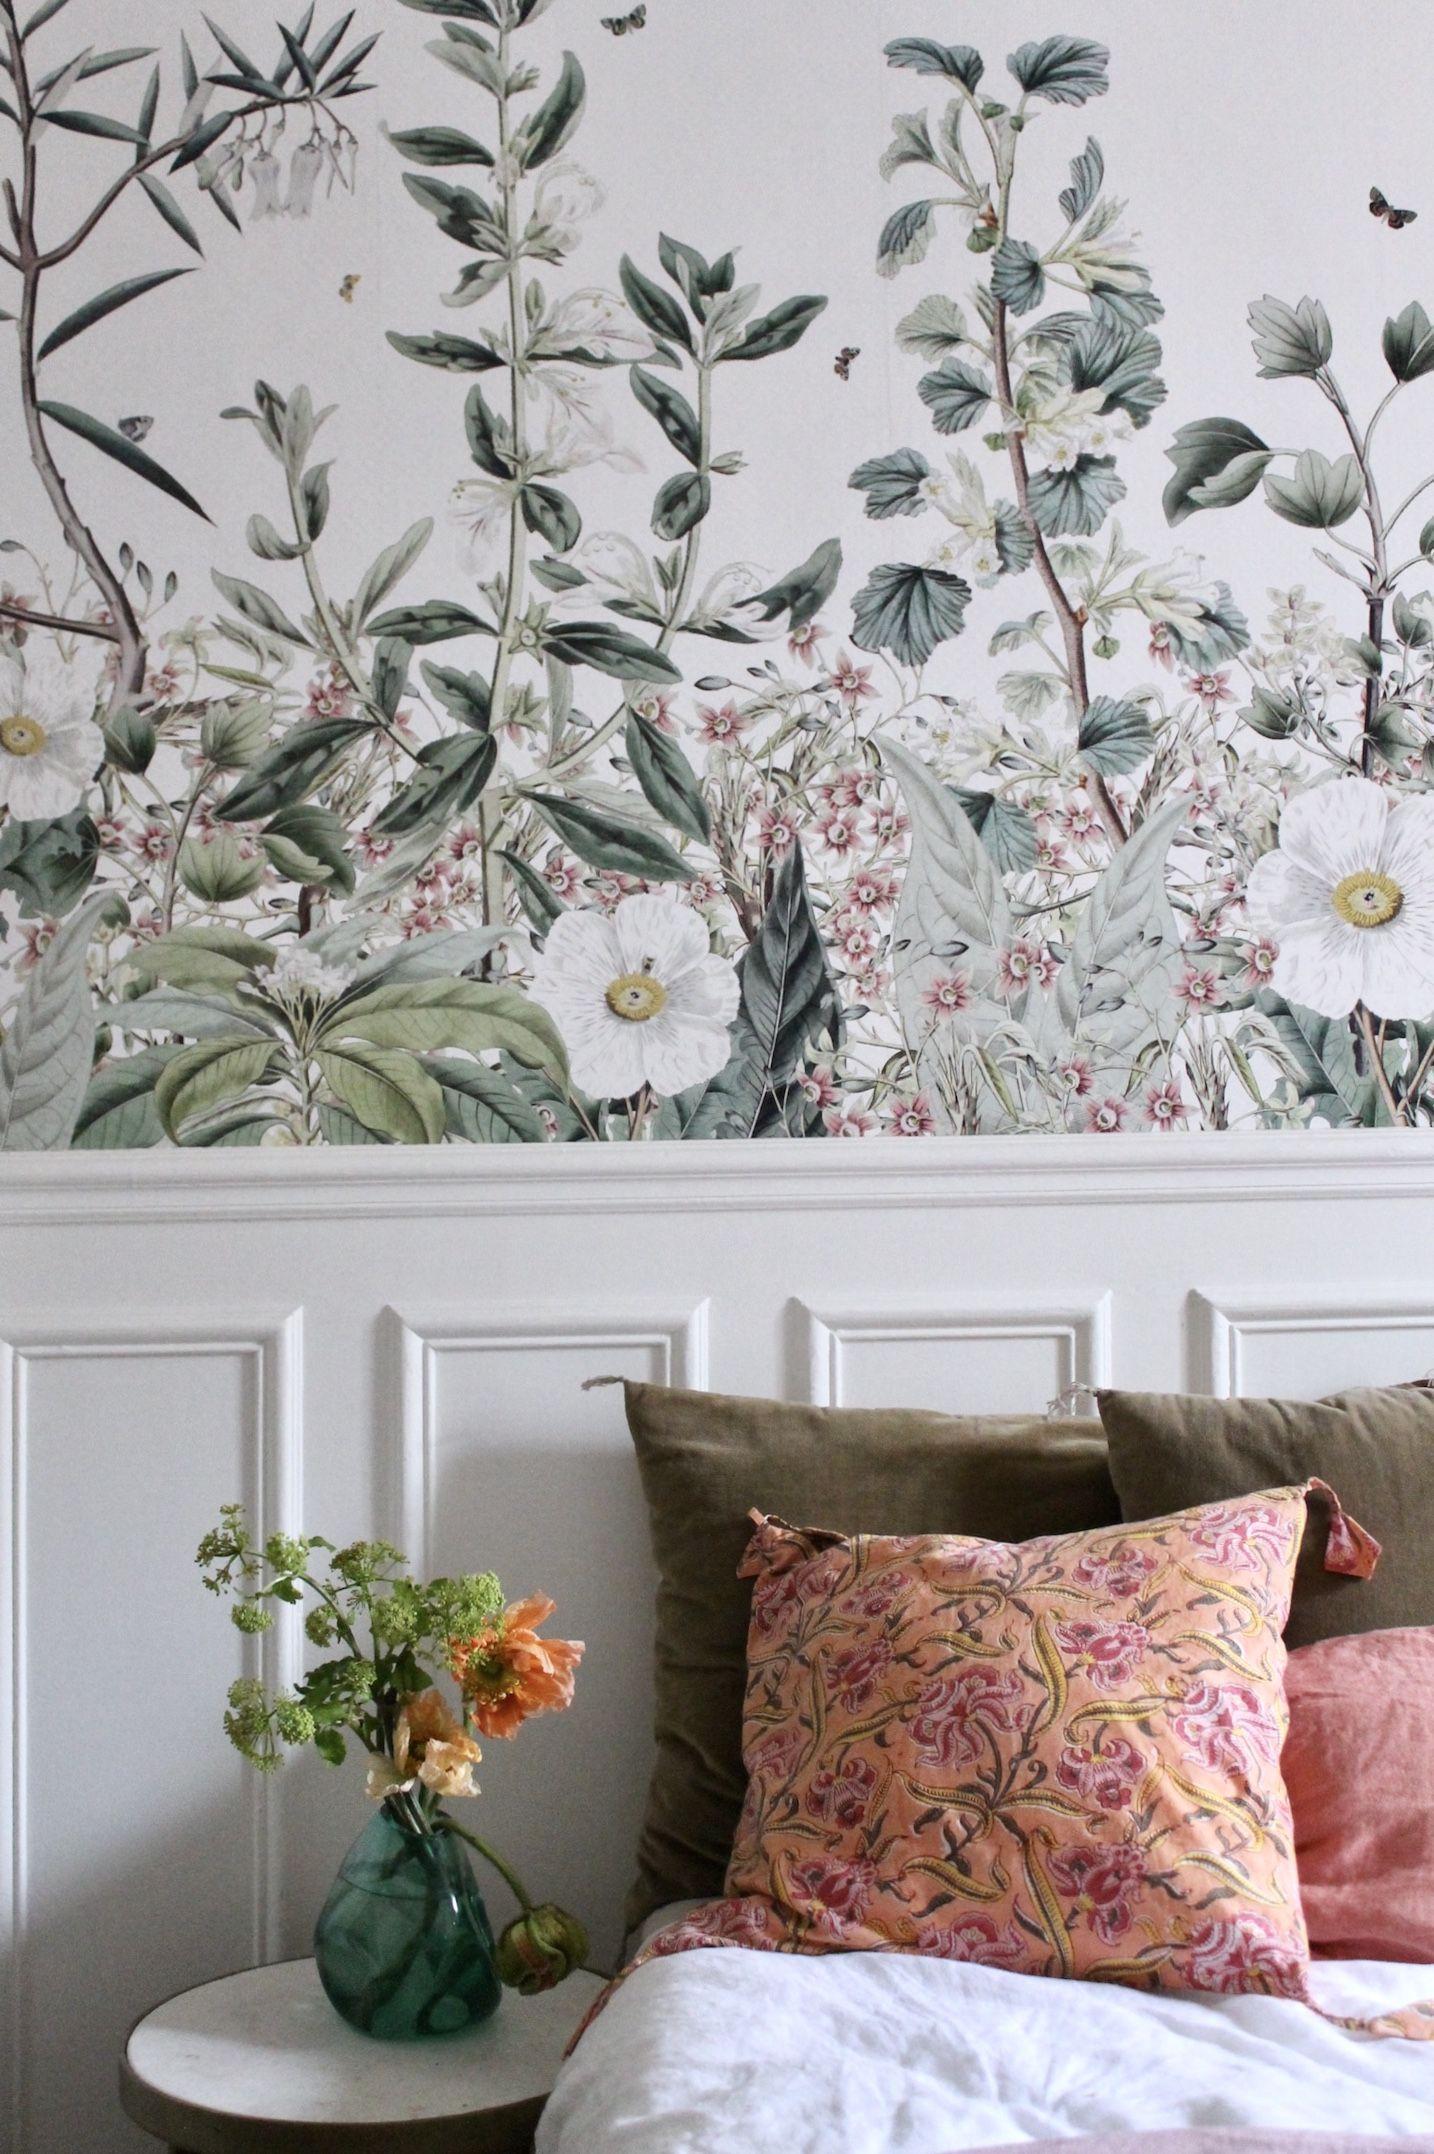 Epingle Par Juana Sar Sur Wallpaper En 2020 Papier Peint Floral